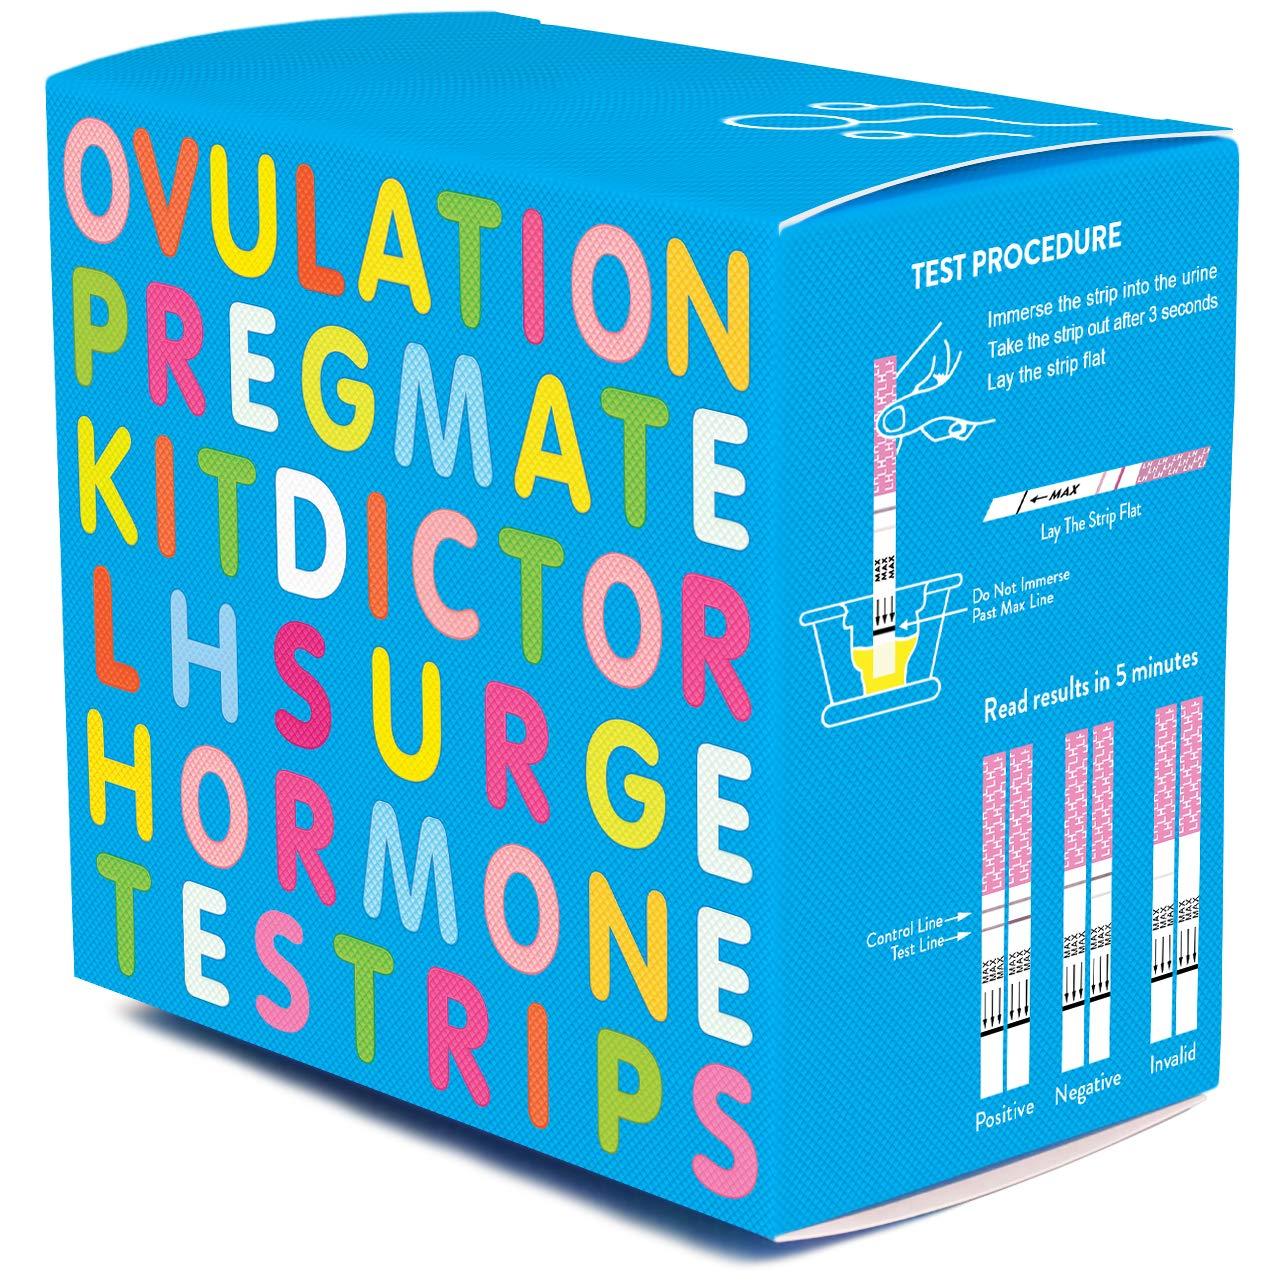 PREGMATE 50 Ovulation Test Strips LH Surge Predictor Kit (50 LH)